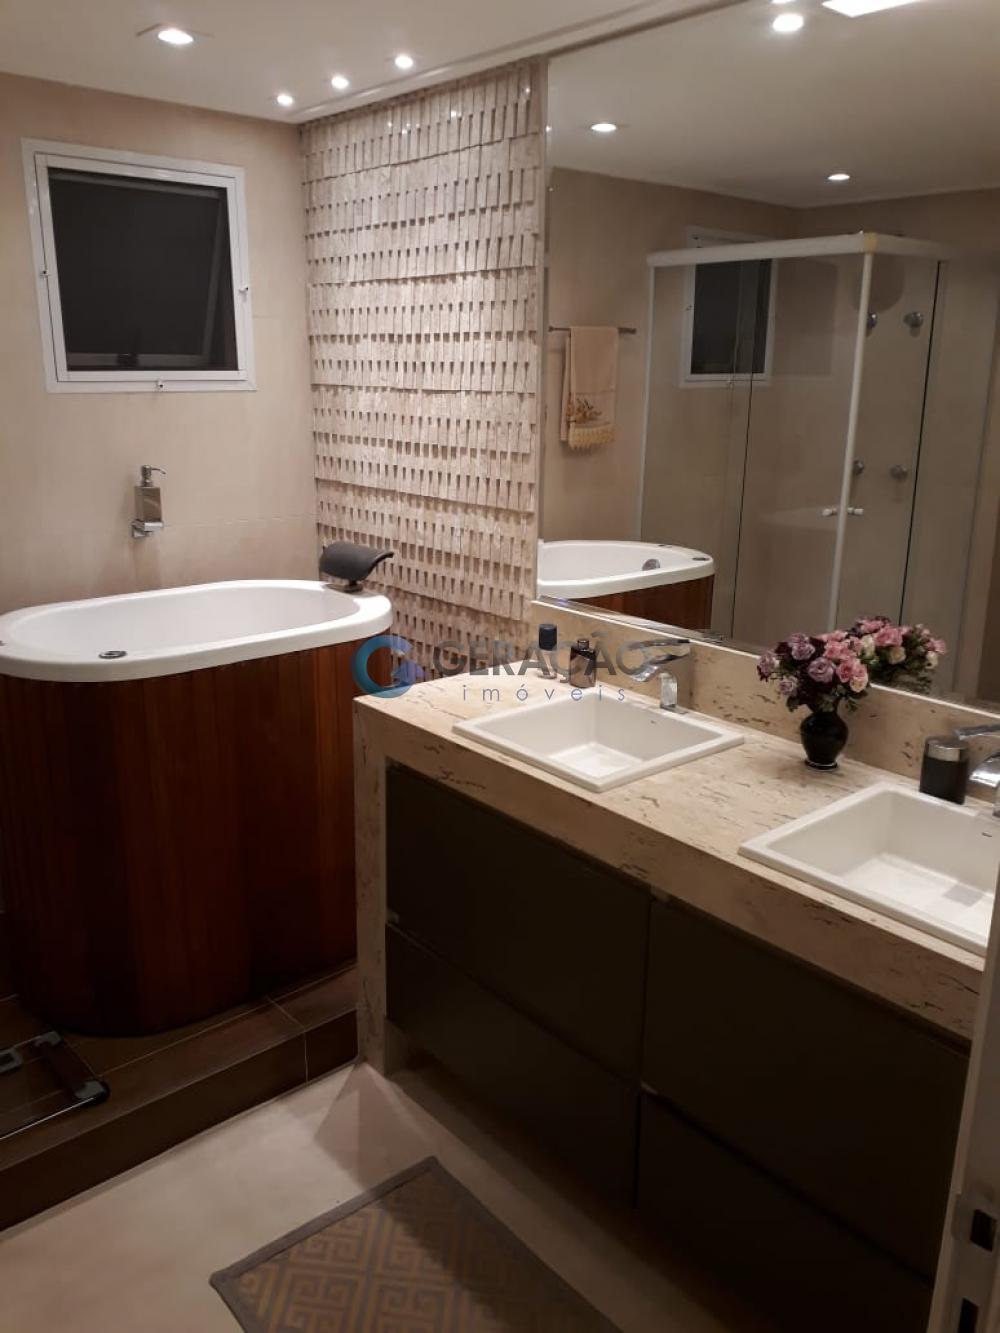 Comprar Apartamento / Padrão em São José dos Campos apenas R$ 1.280.000,00 - Foto 10